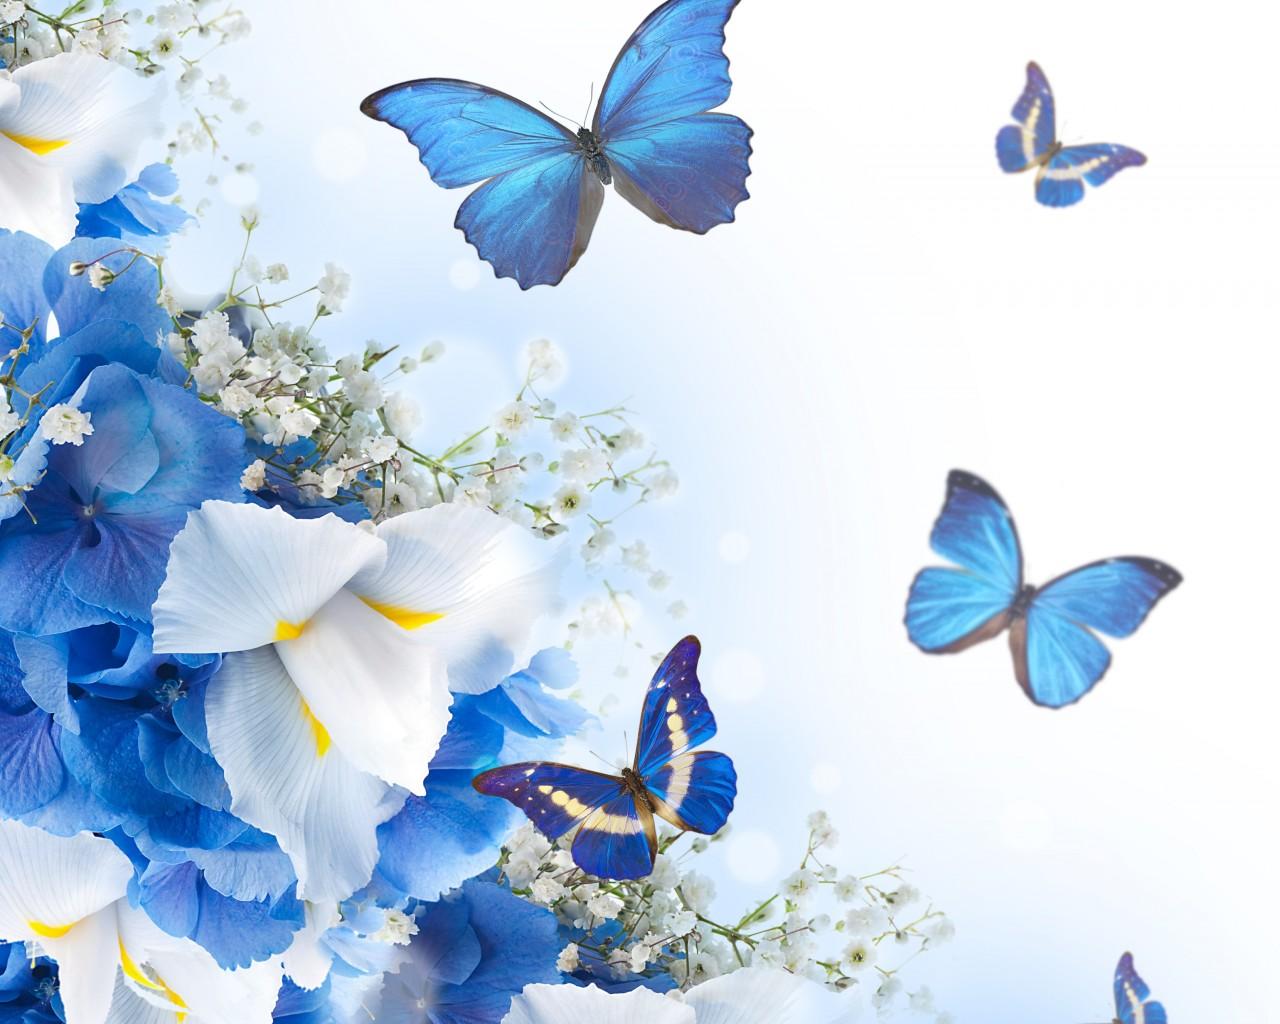 Бабочка картинка для открытки 2